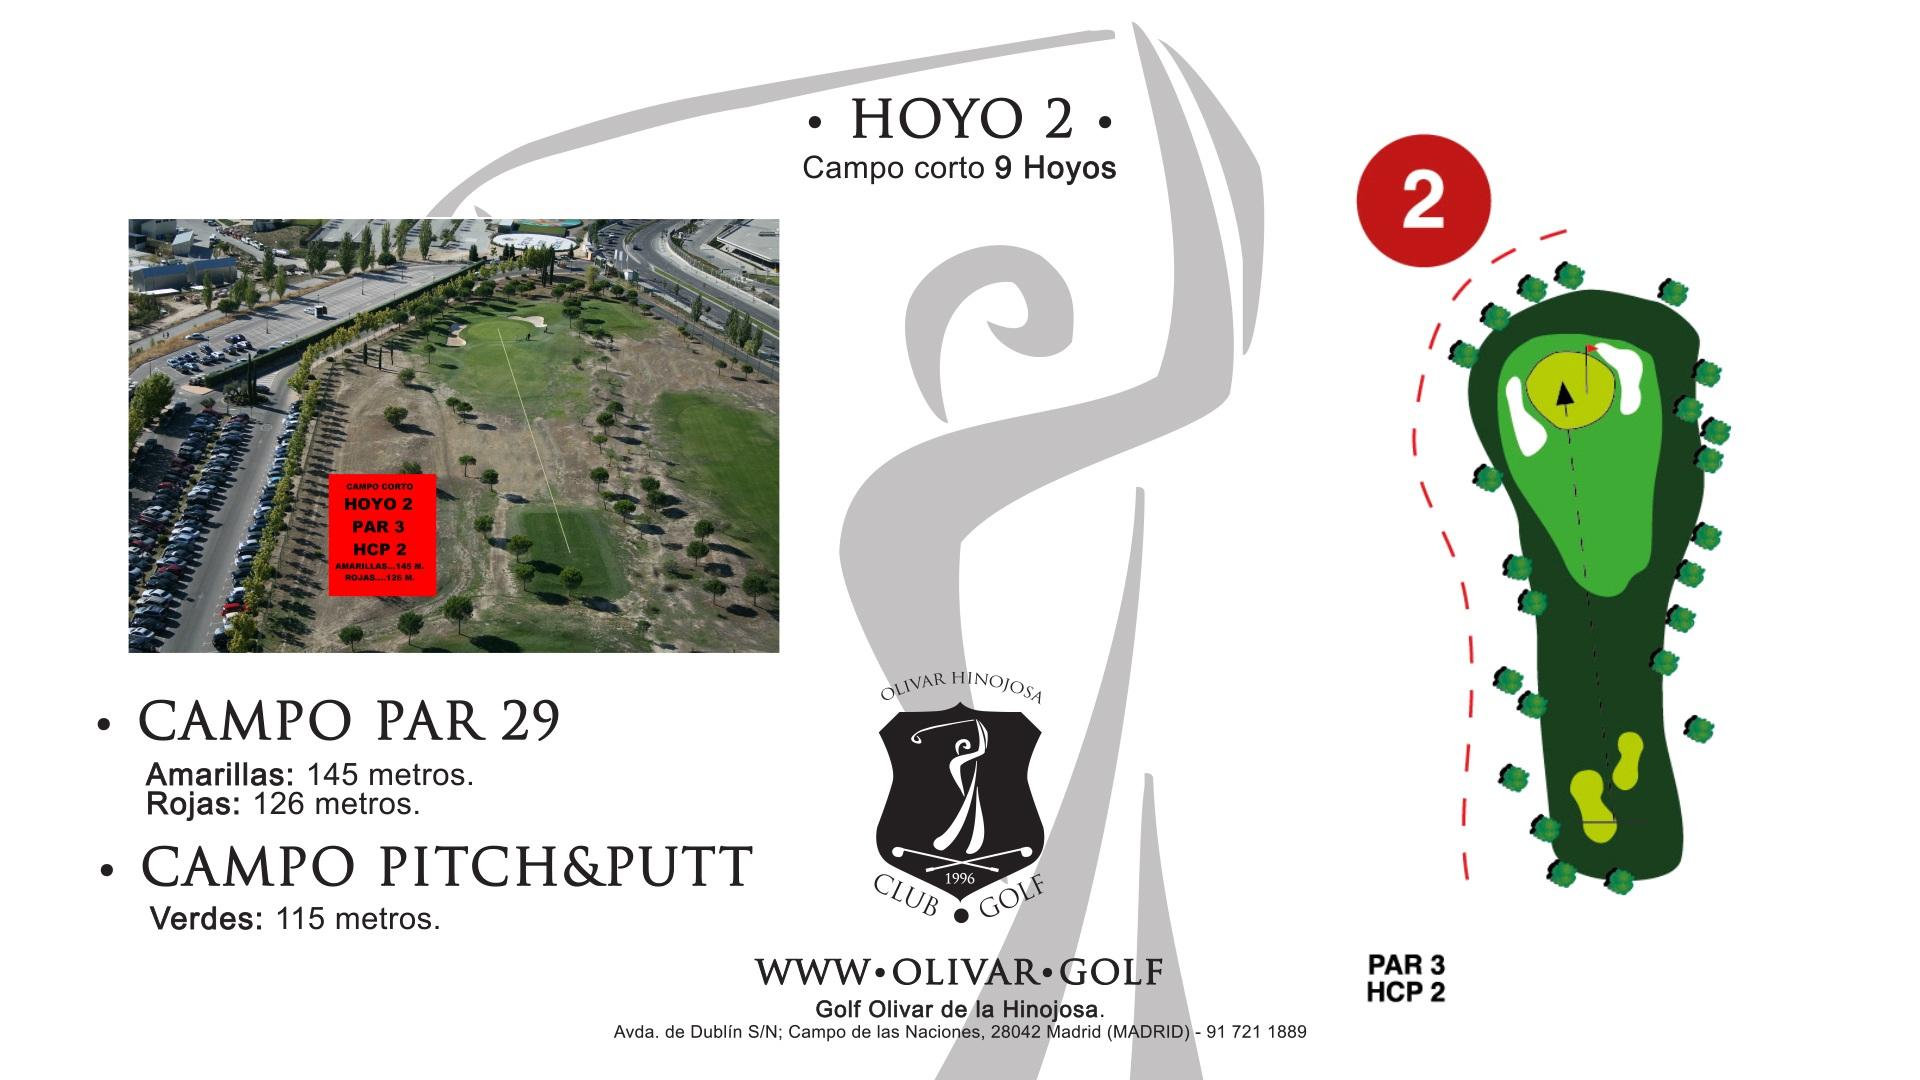 Hoyo 2 Olivar de la Hinojosa